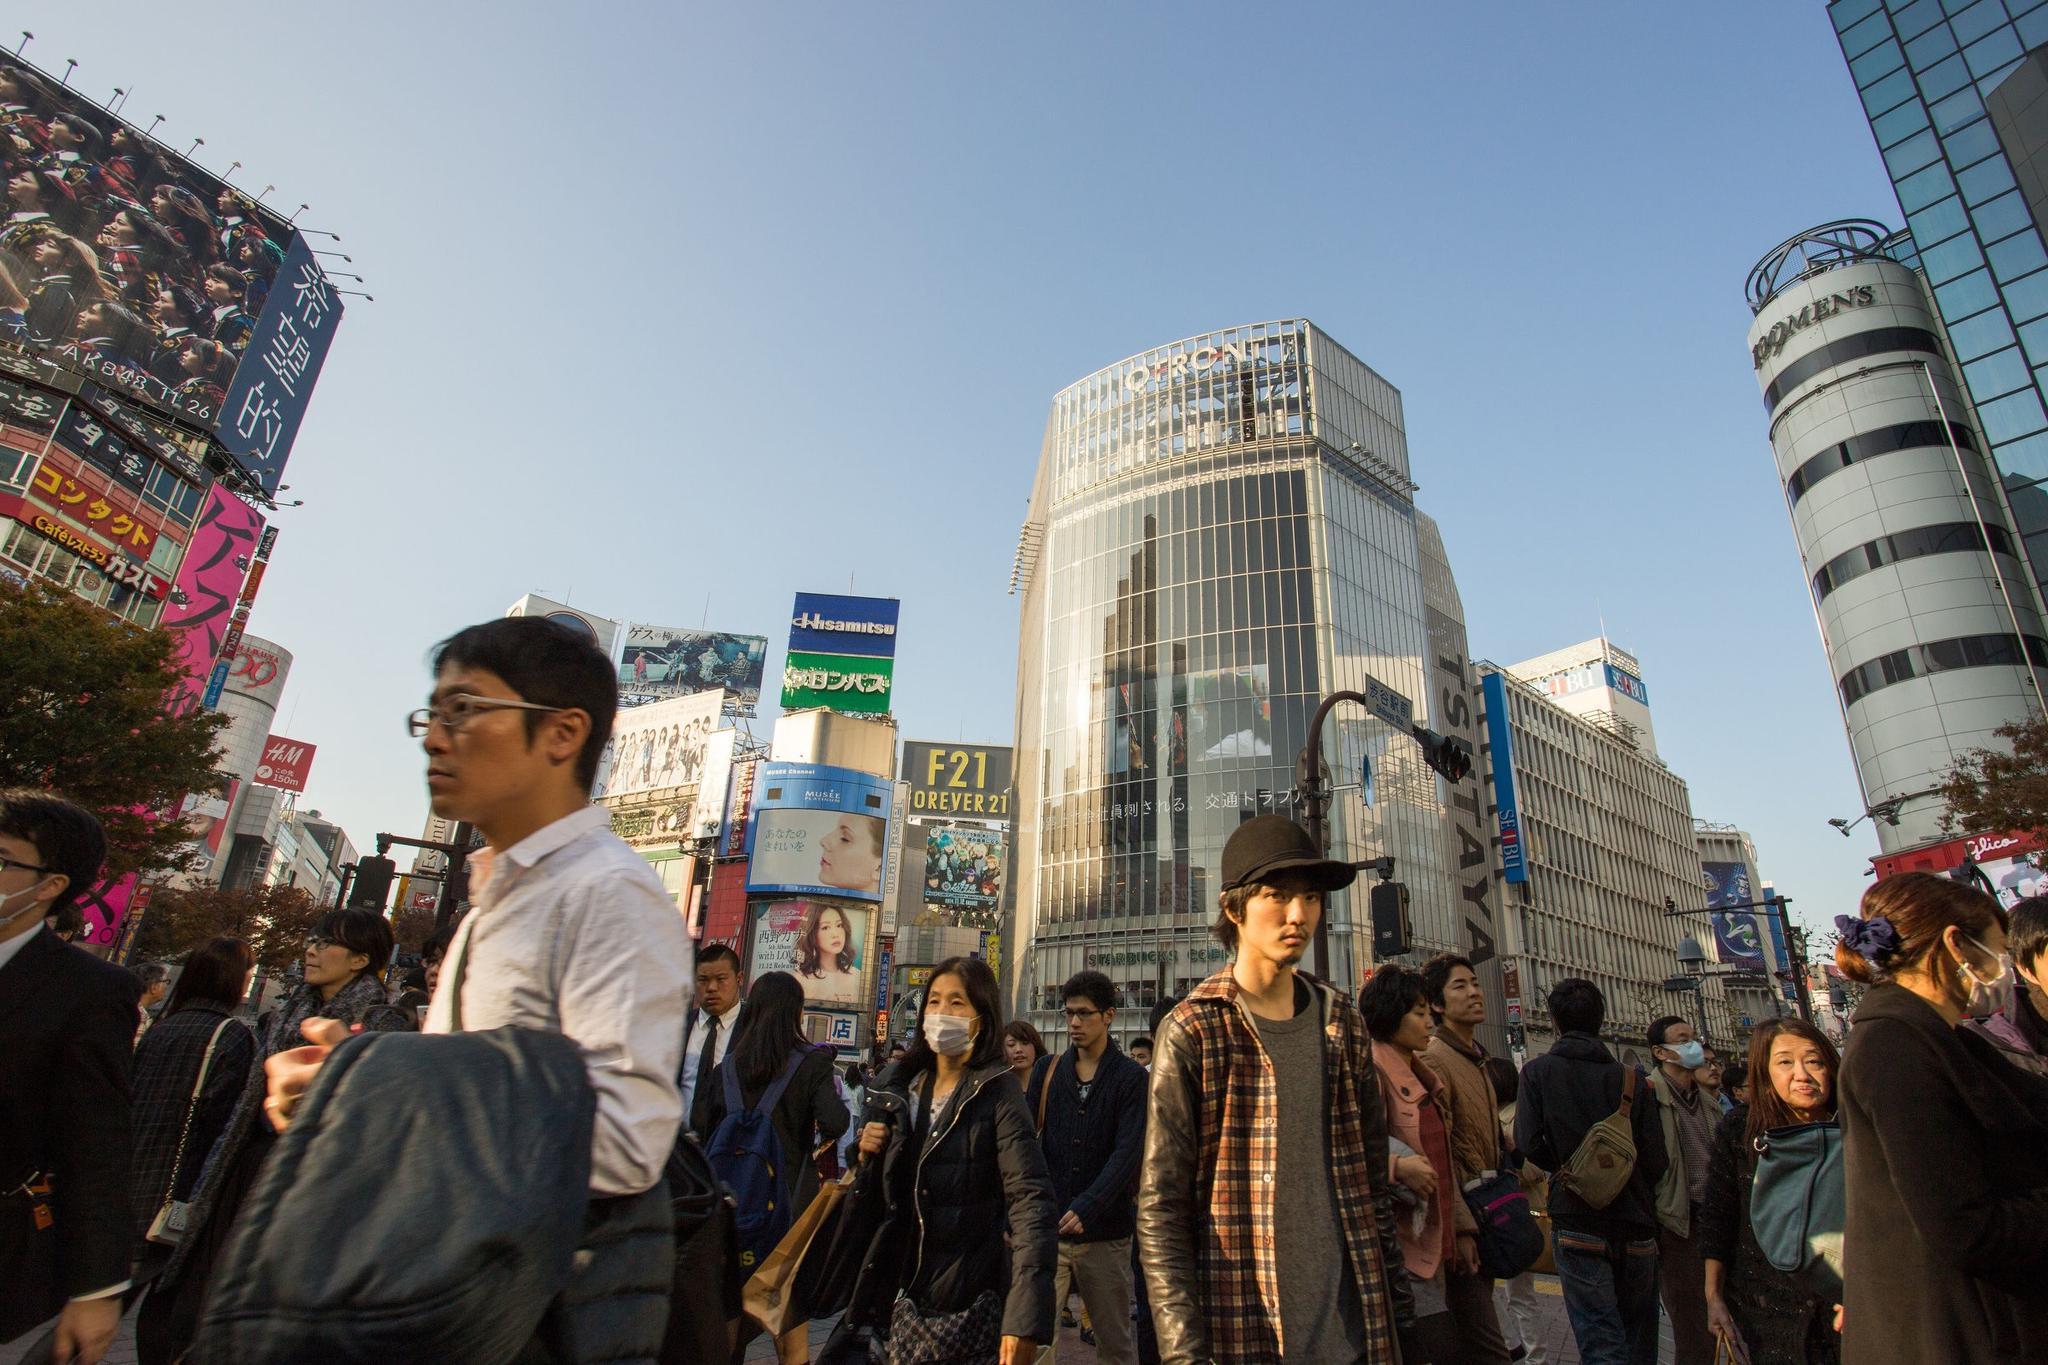 日本人压力大睡大街,那他们节假日是怎么玩的,最后一个深受欢迎